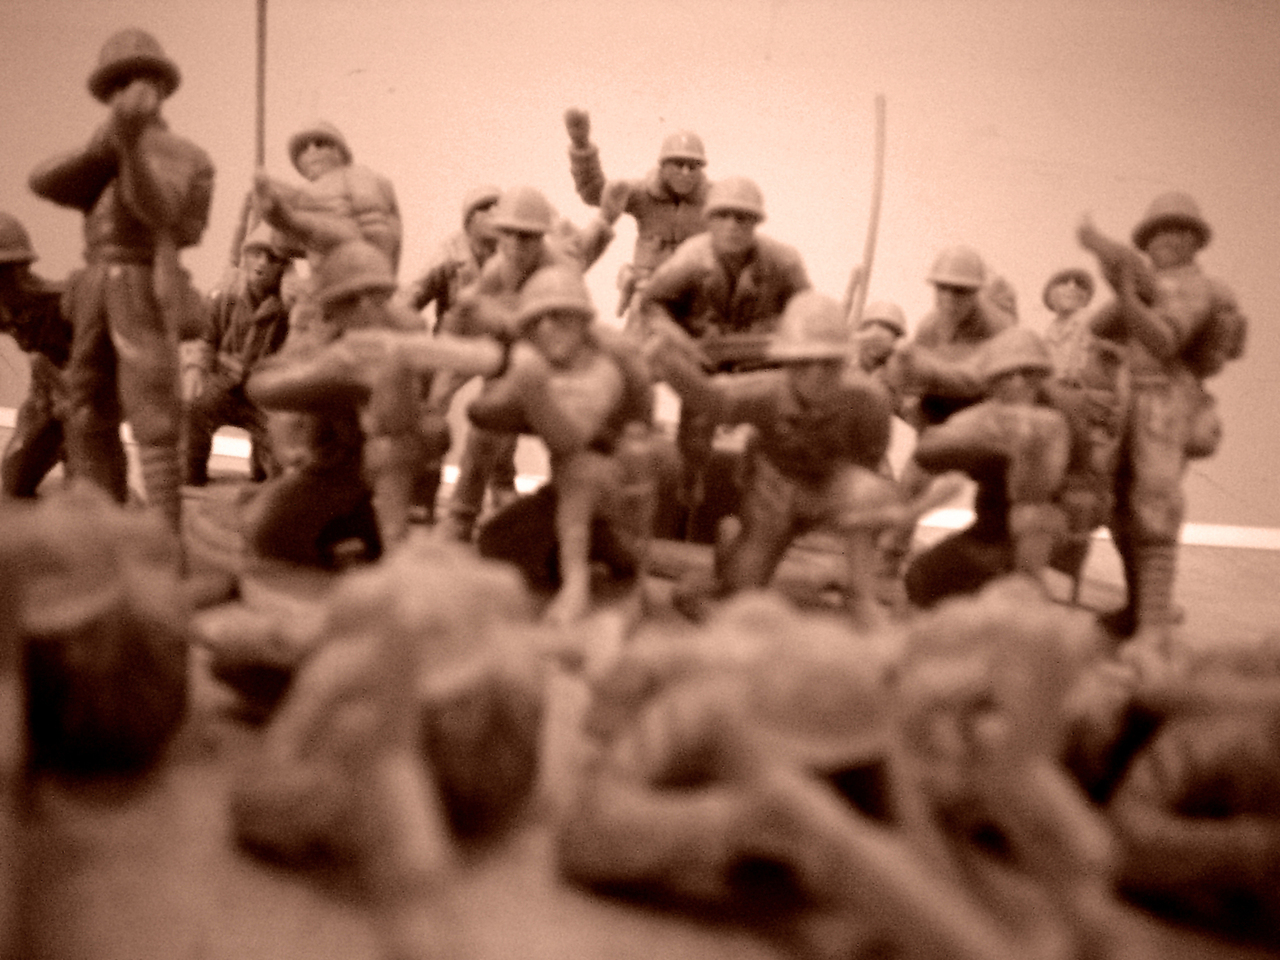 war-isn-t-a-game-4-1525426-1280x960